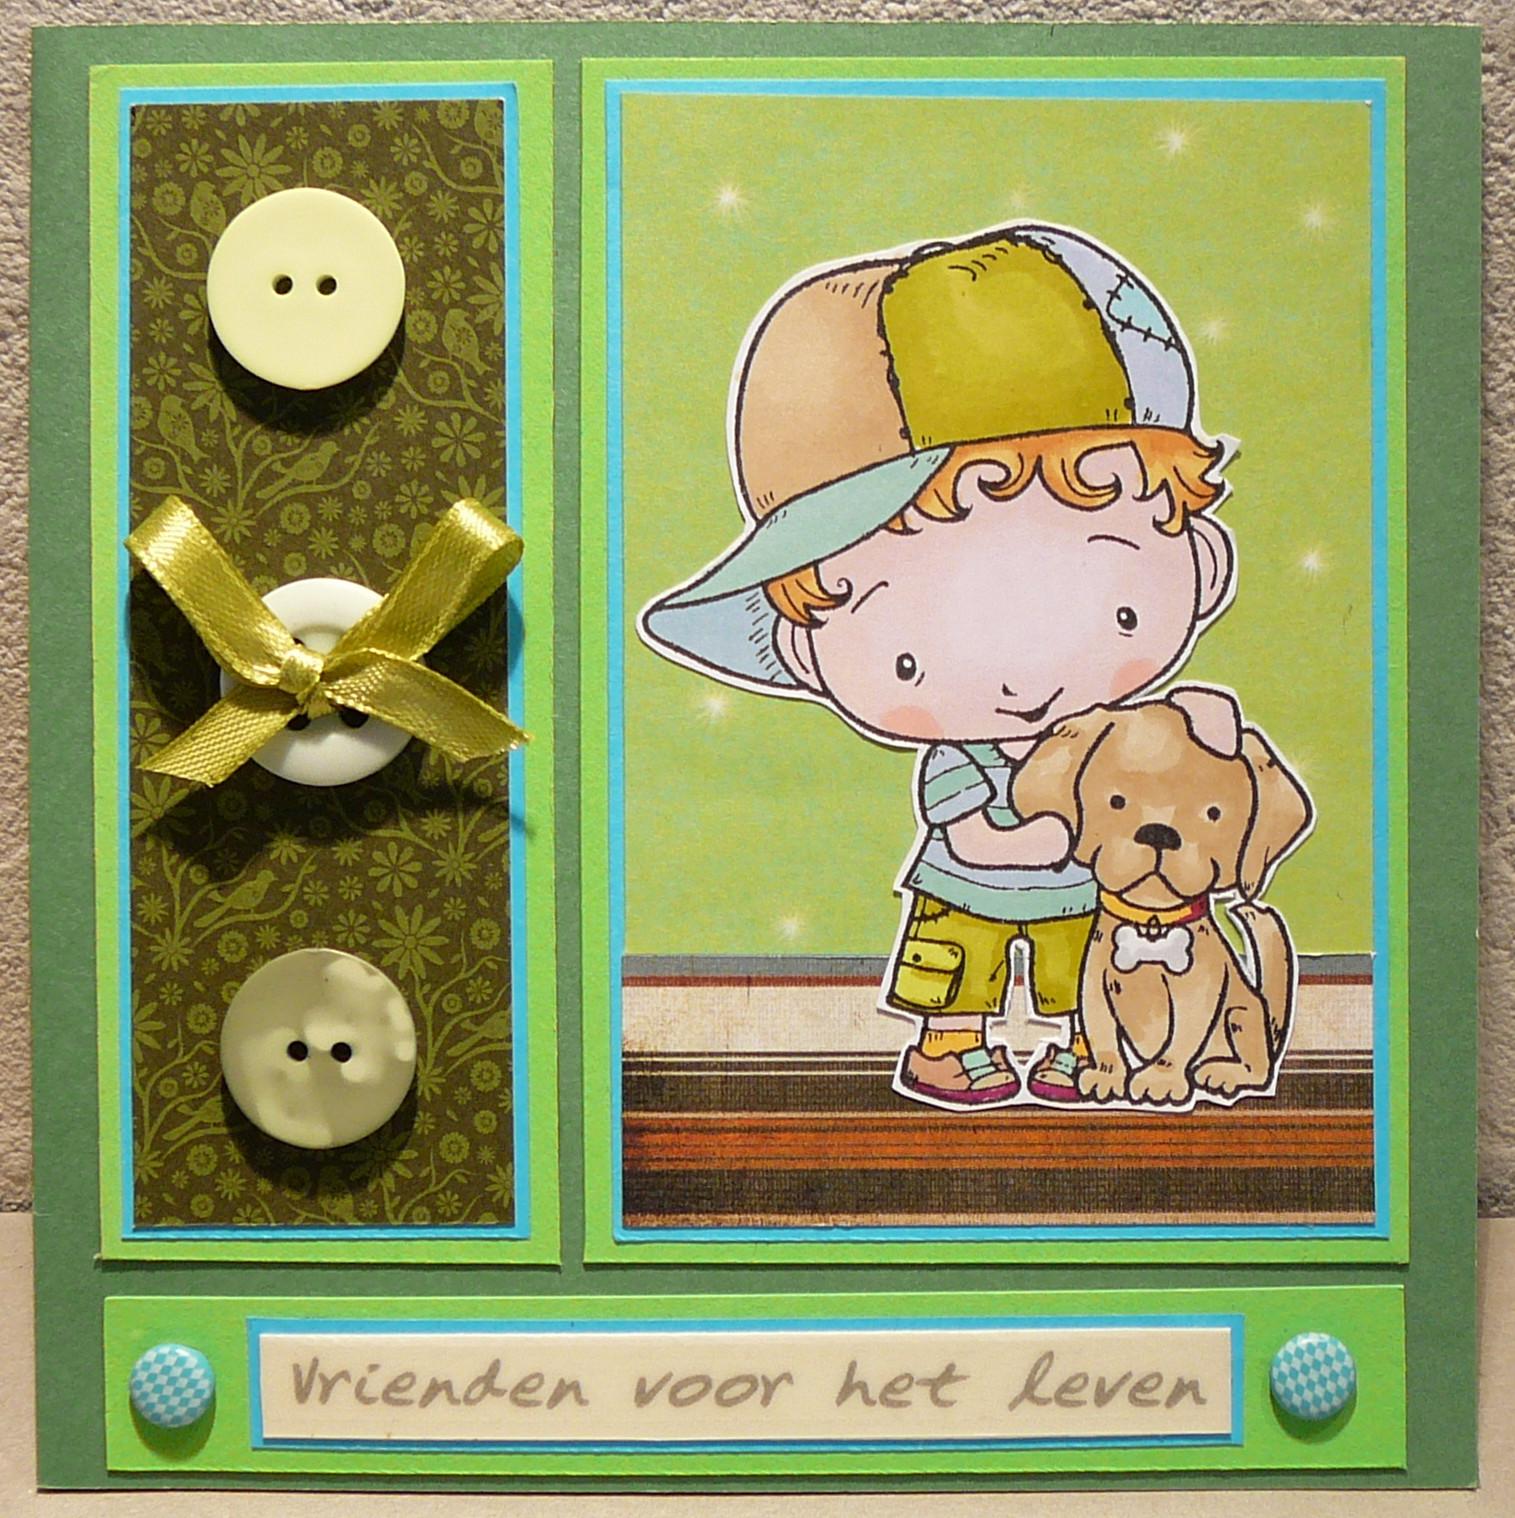 Marianne 39 s blogje vrienden voor het leven - Kleur idee voor het leven ...